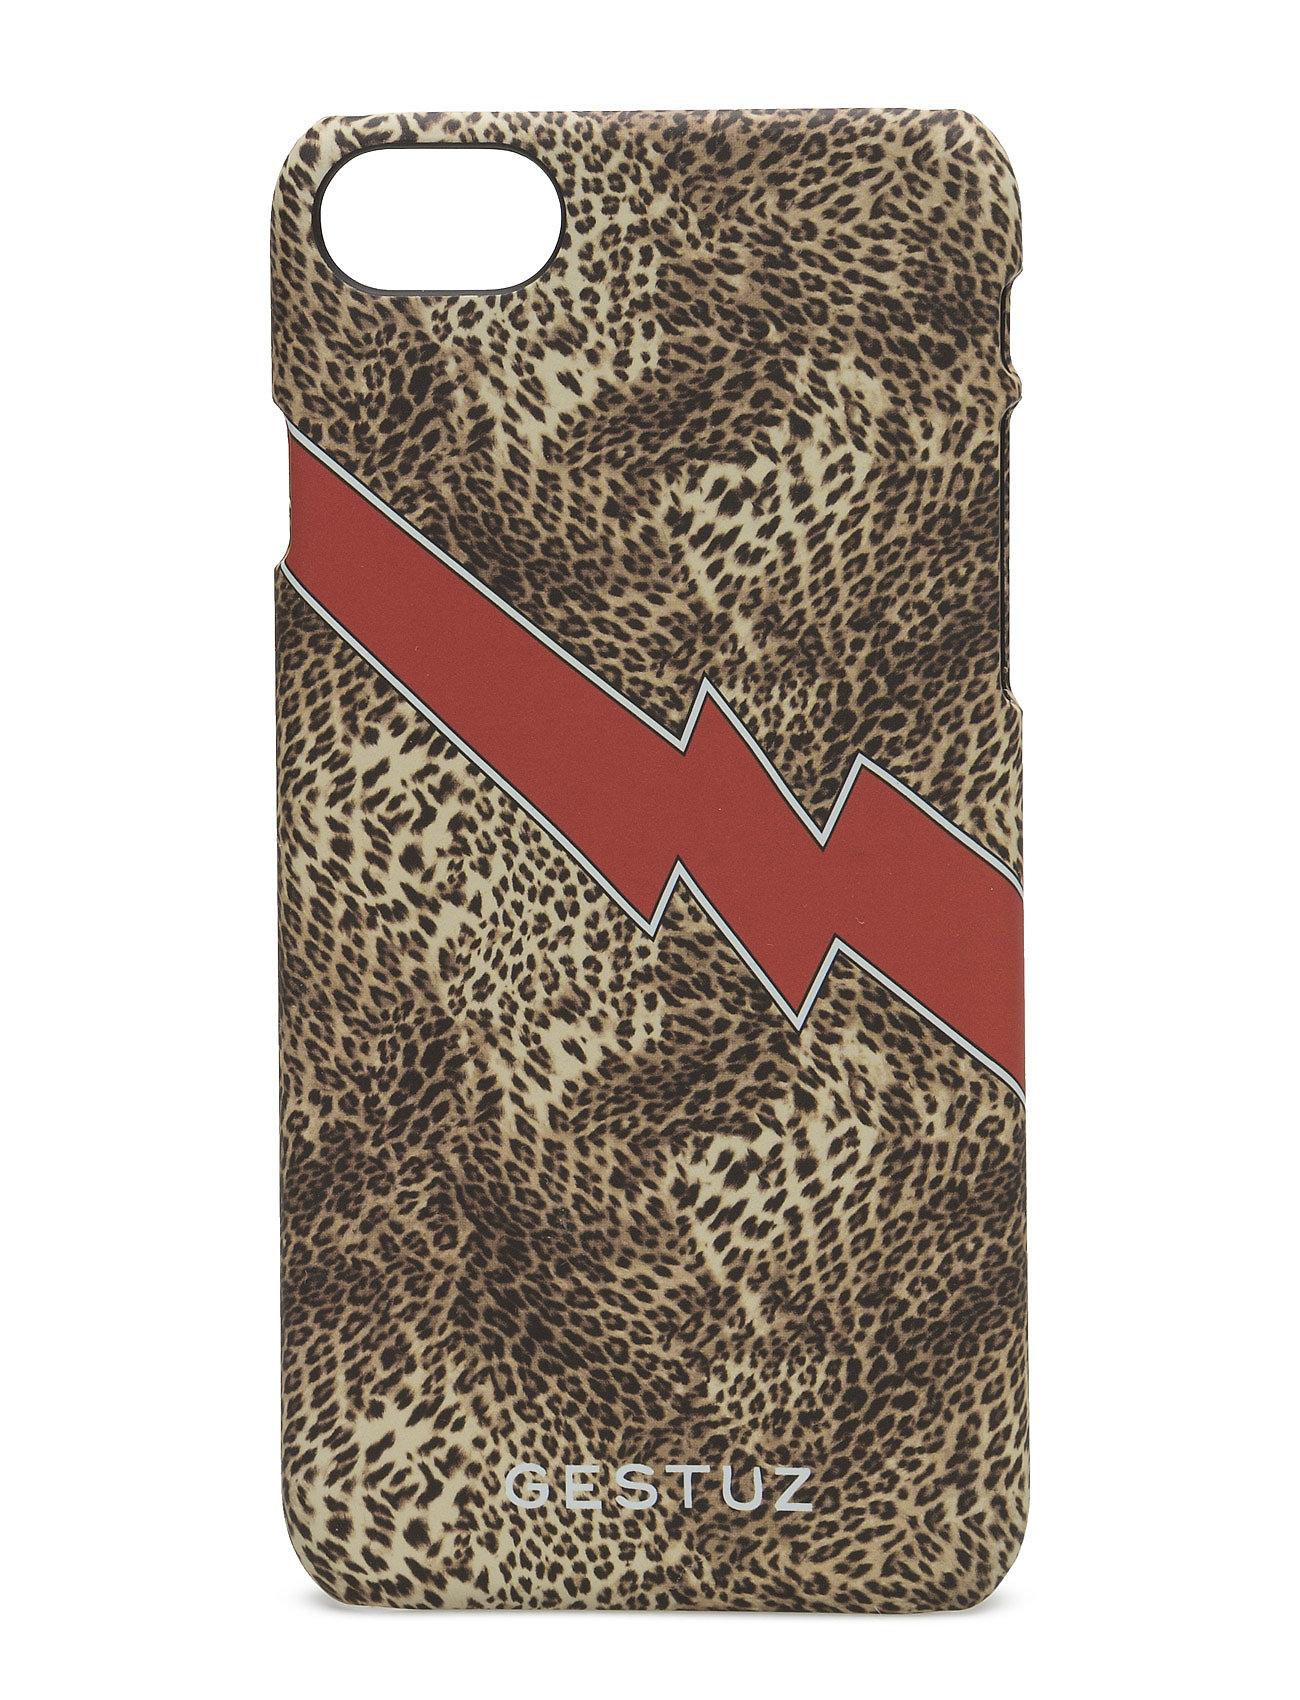 Find Mobile Cover Ma17 Gestuz Mobiltelefon accessories i Leopard til Damer  i en webshop 8ed6b8918eb0f